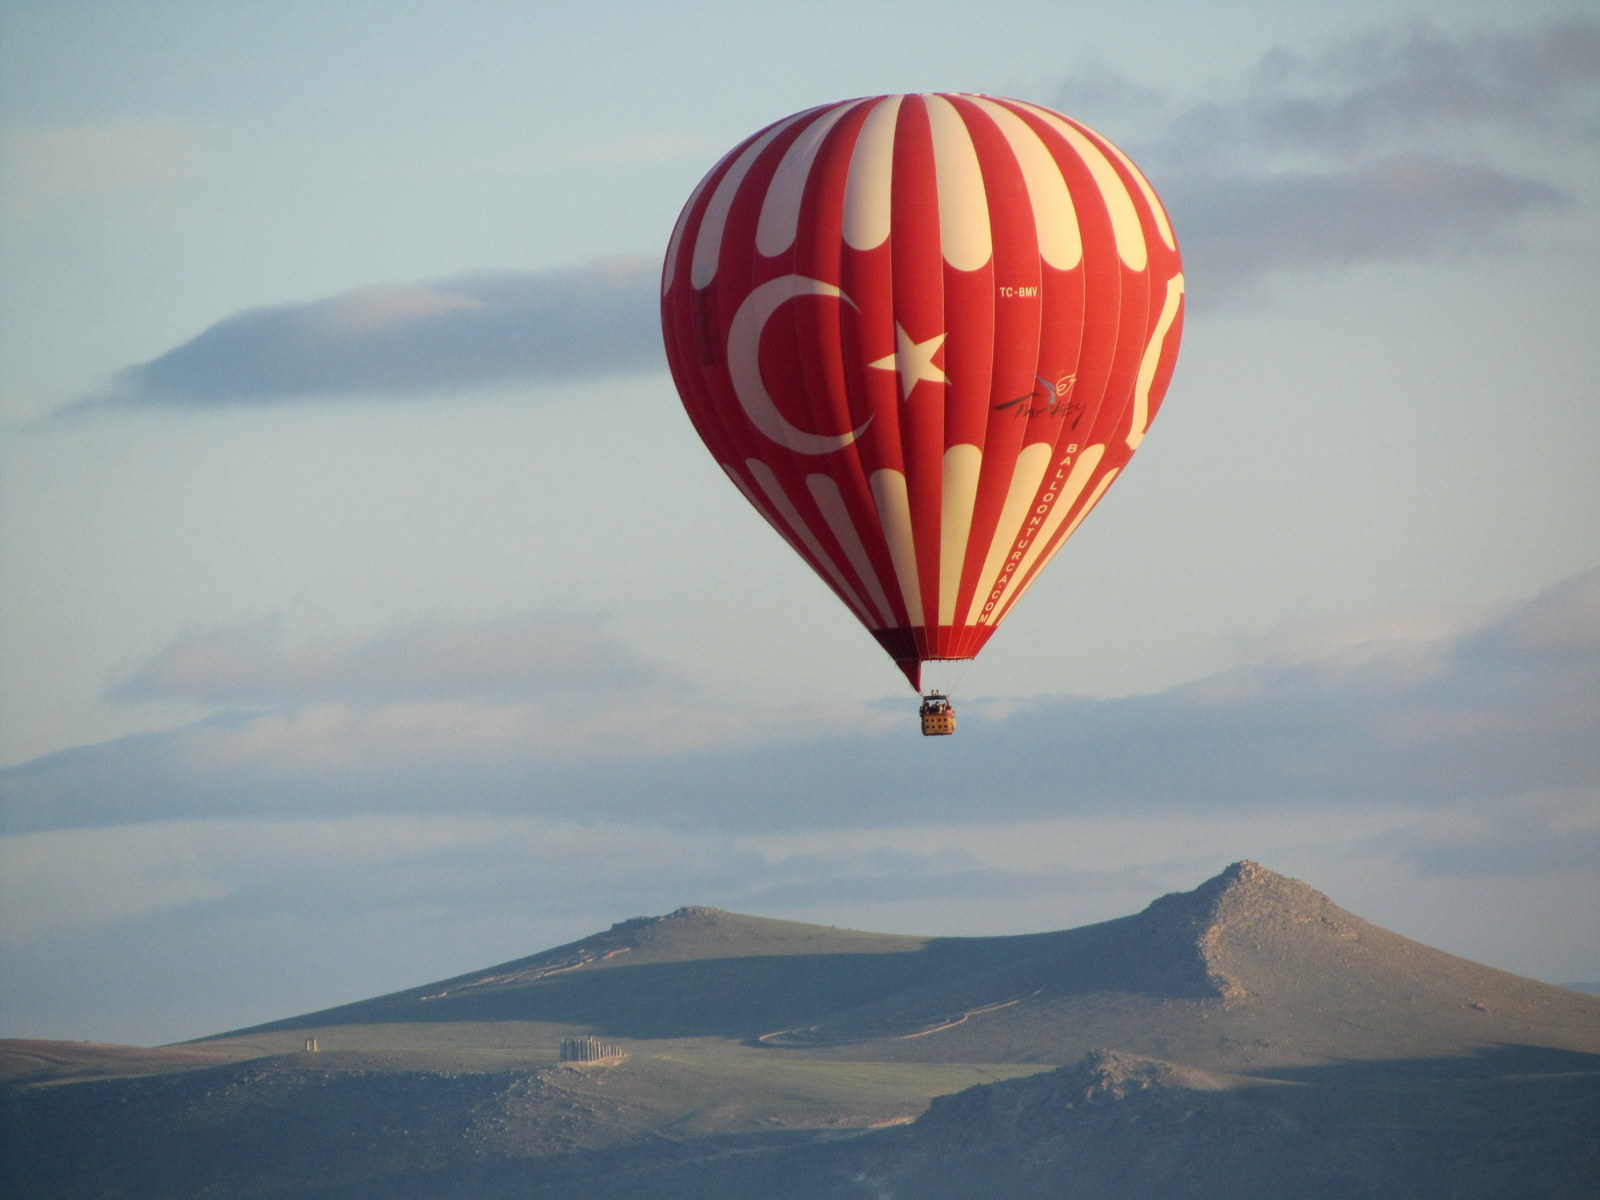 turkki-kappadokia-kuumailmapallo-8